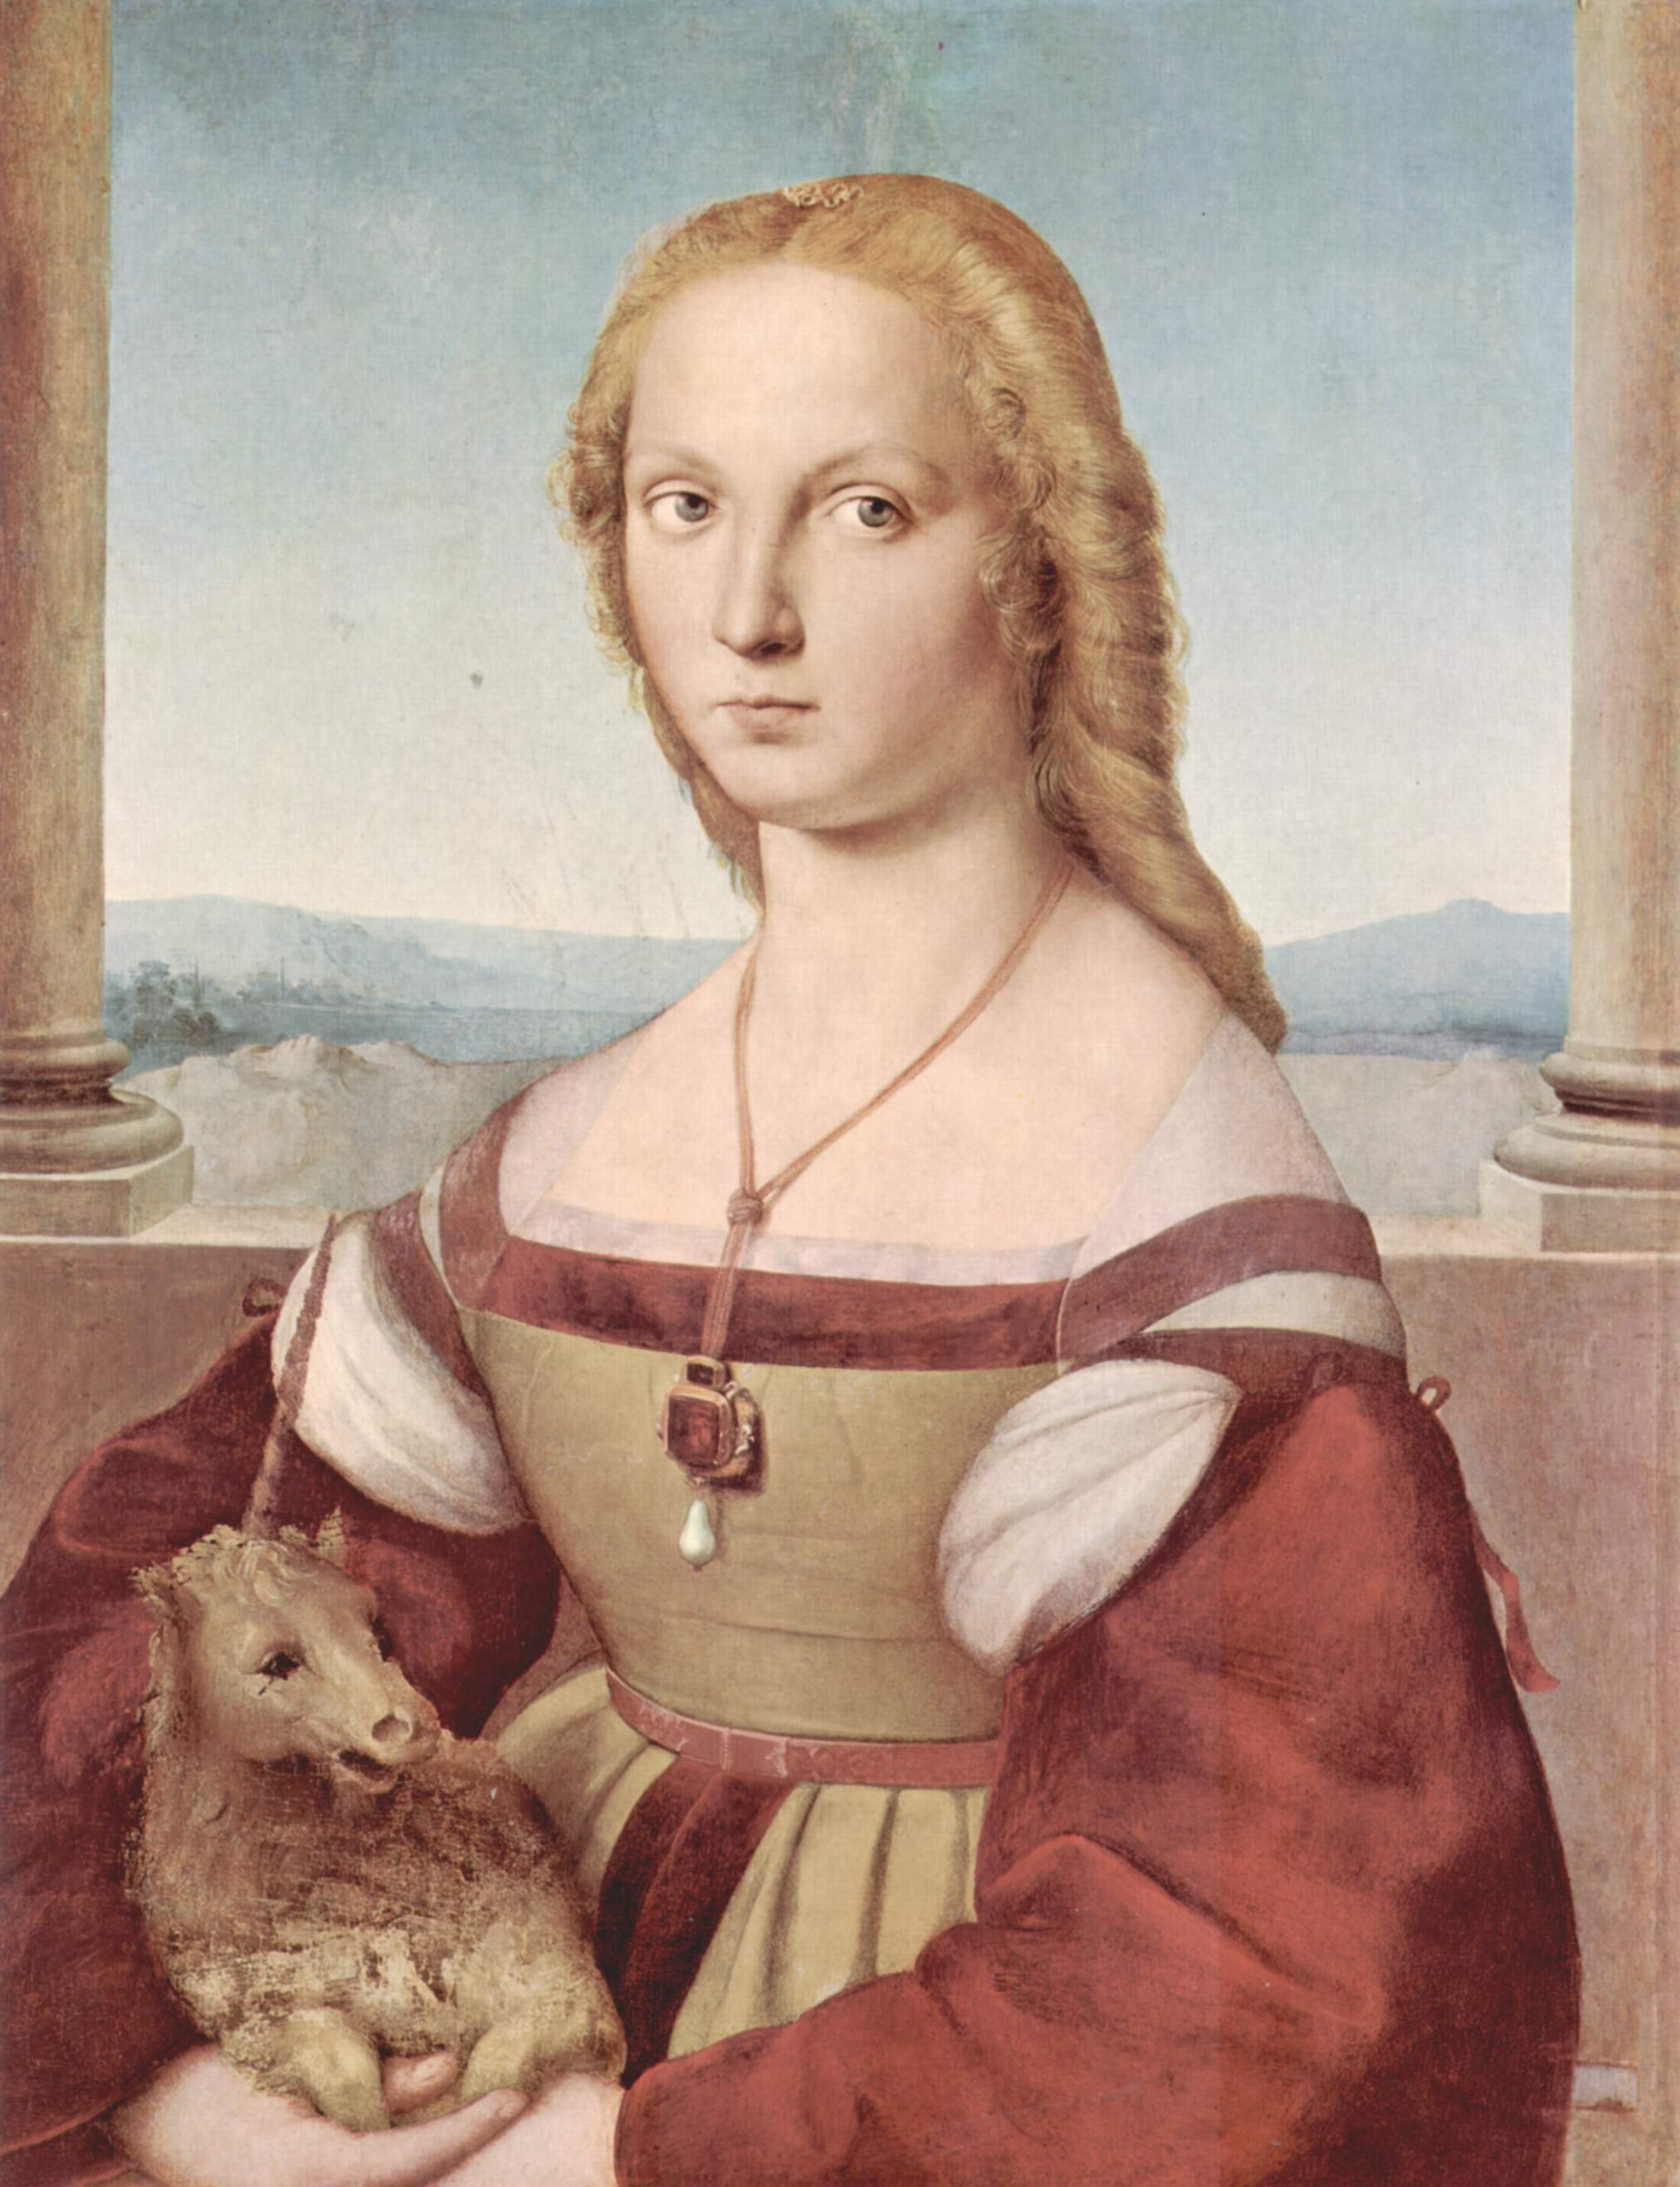 Porträt einer jungen Dame mit Einhorn. Oder Die Blondine. Von Raphael. http://bit.ly/1a3Cme9 . Foto: The Yorck Project. Lizenz: GNU Free Documentation License